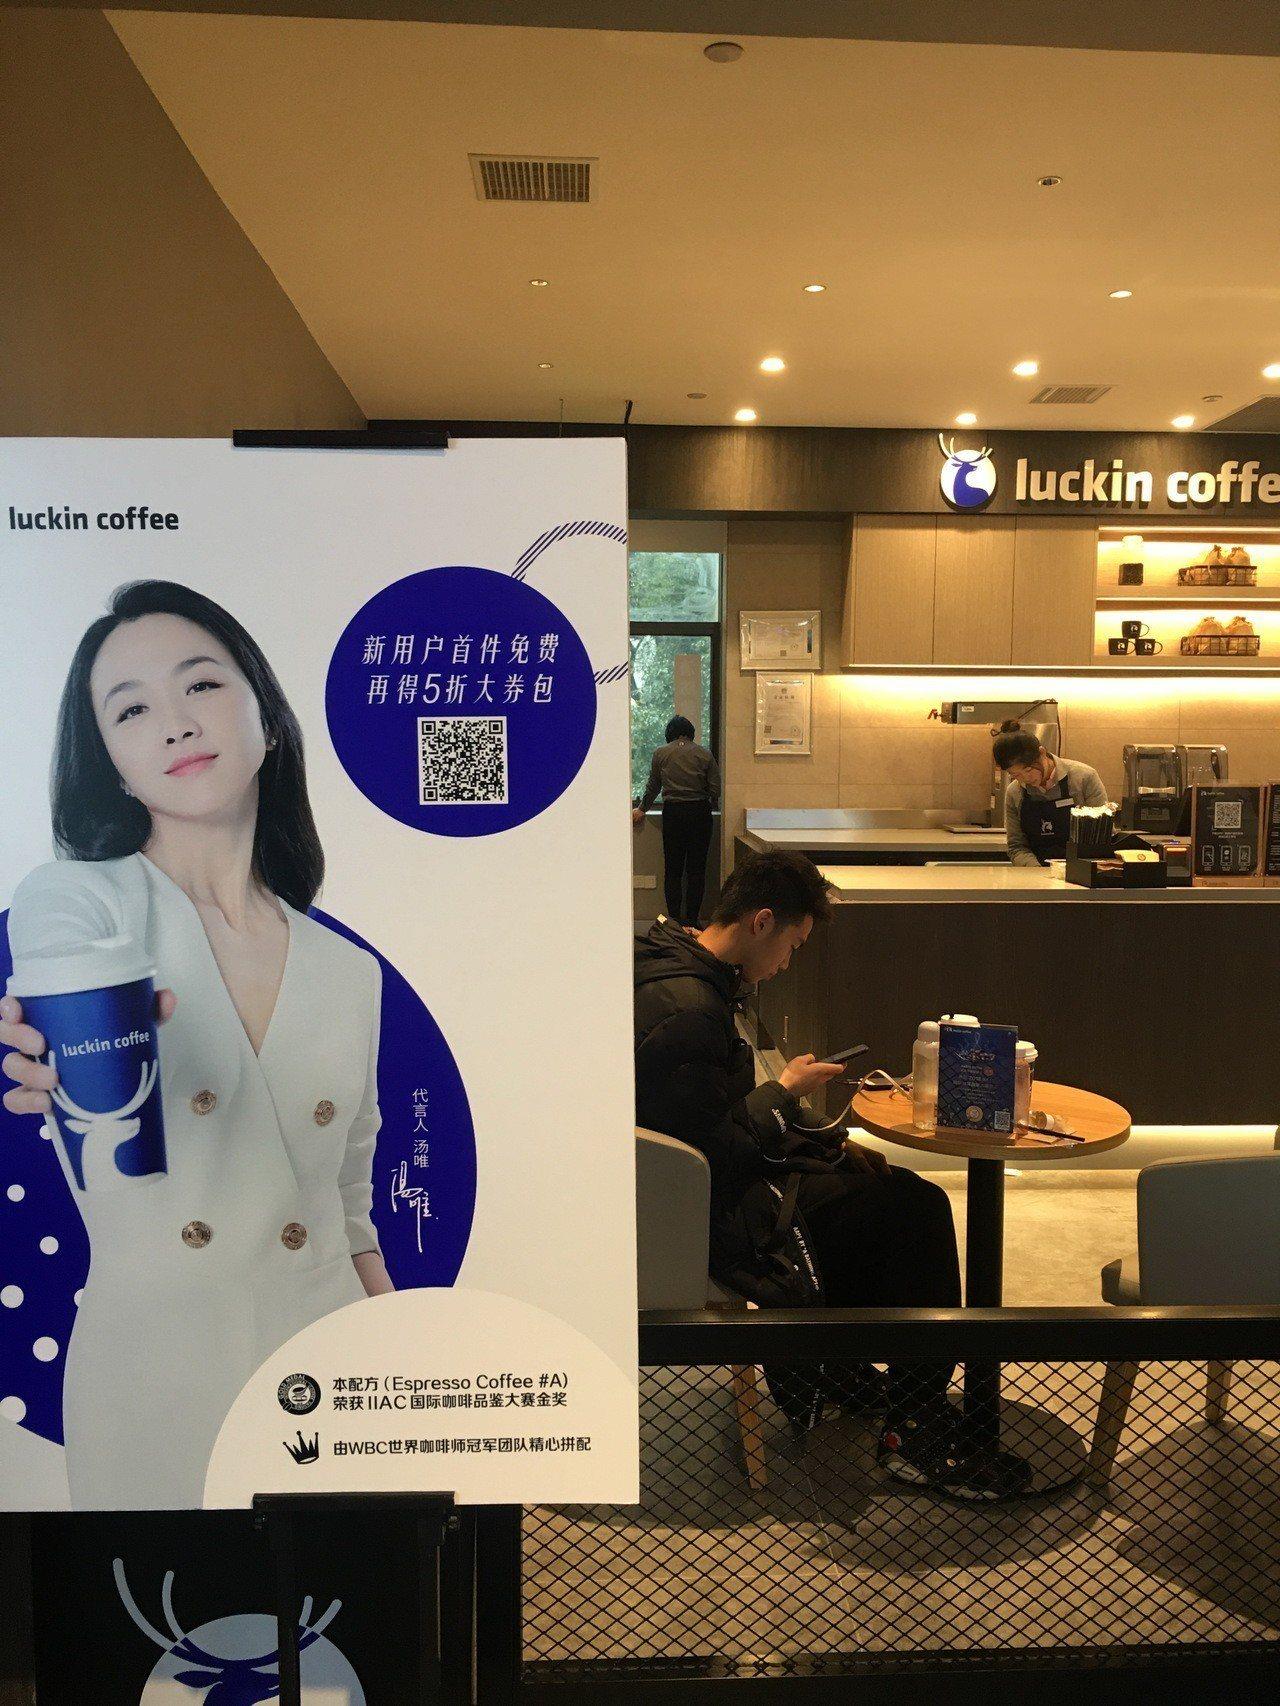 大陸本土咖啡品牌瑞幸咖啡近來快速崛起,並放話2019年底全大陸總門店數要超過星巴...